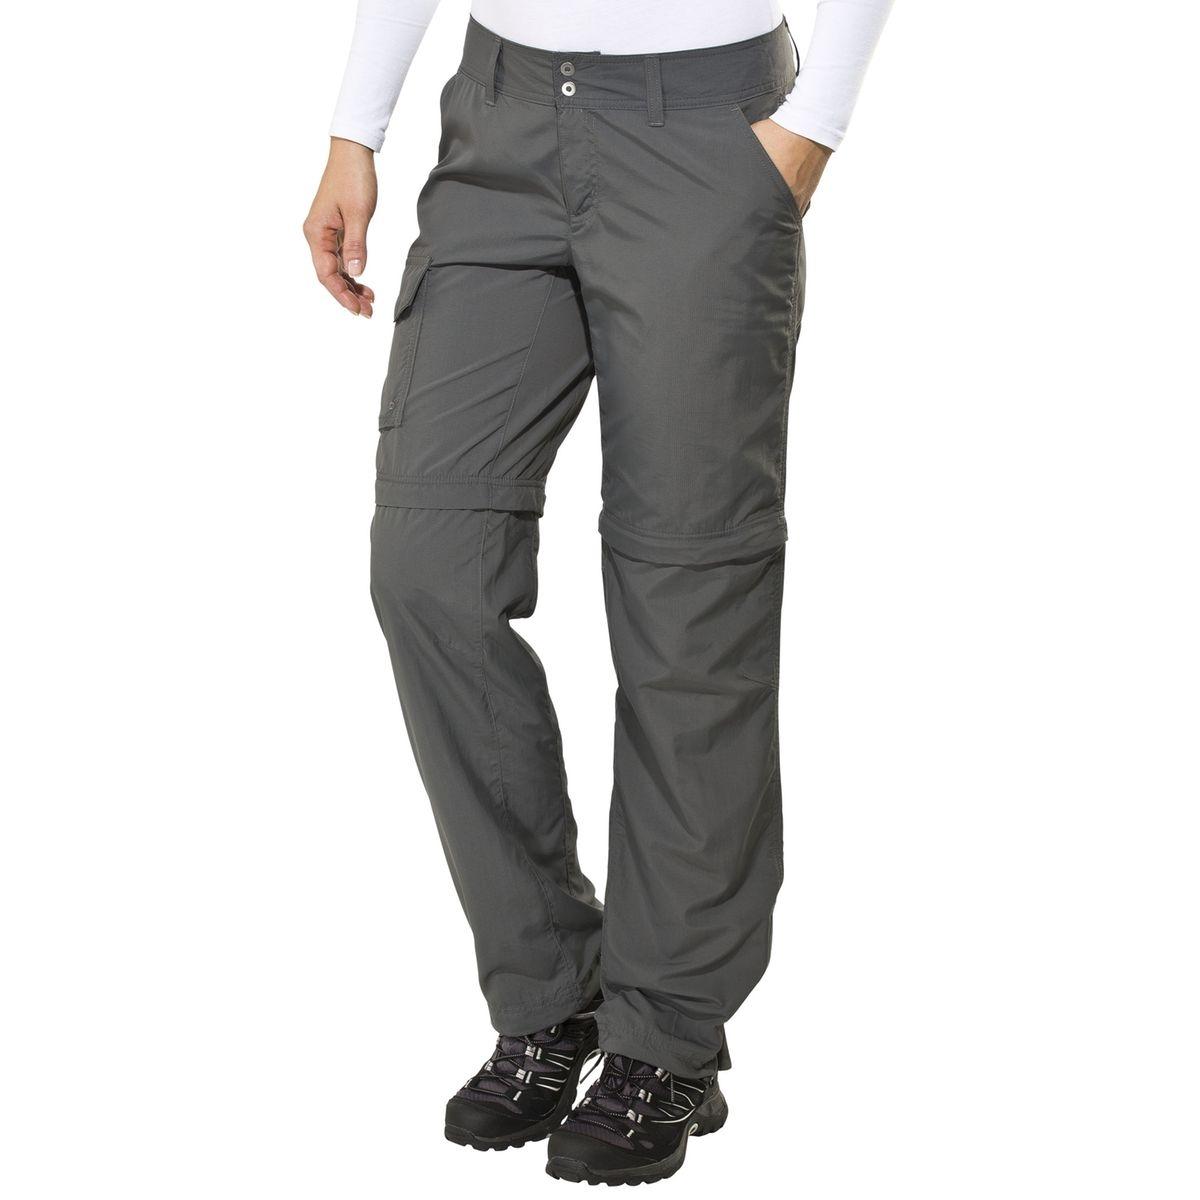 Silver Ridge - Pantalon zip femme - gris